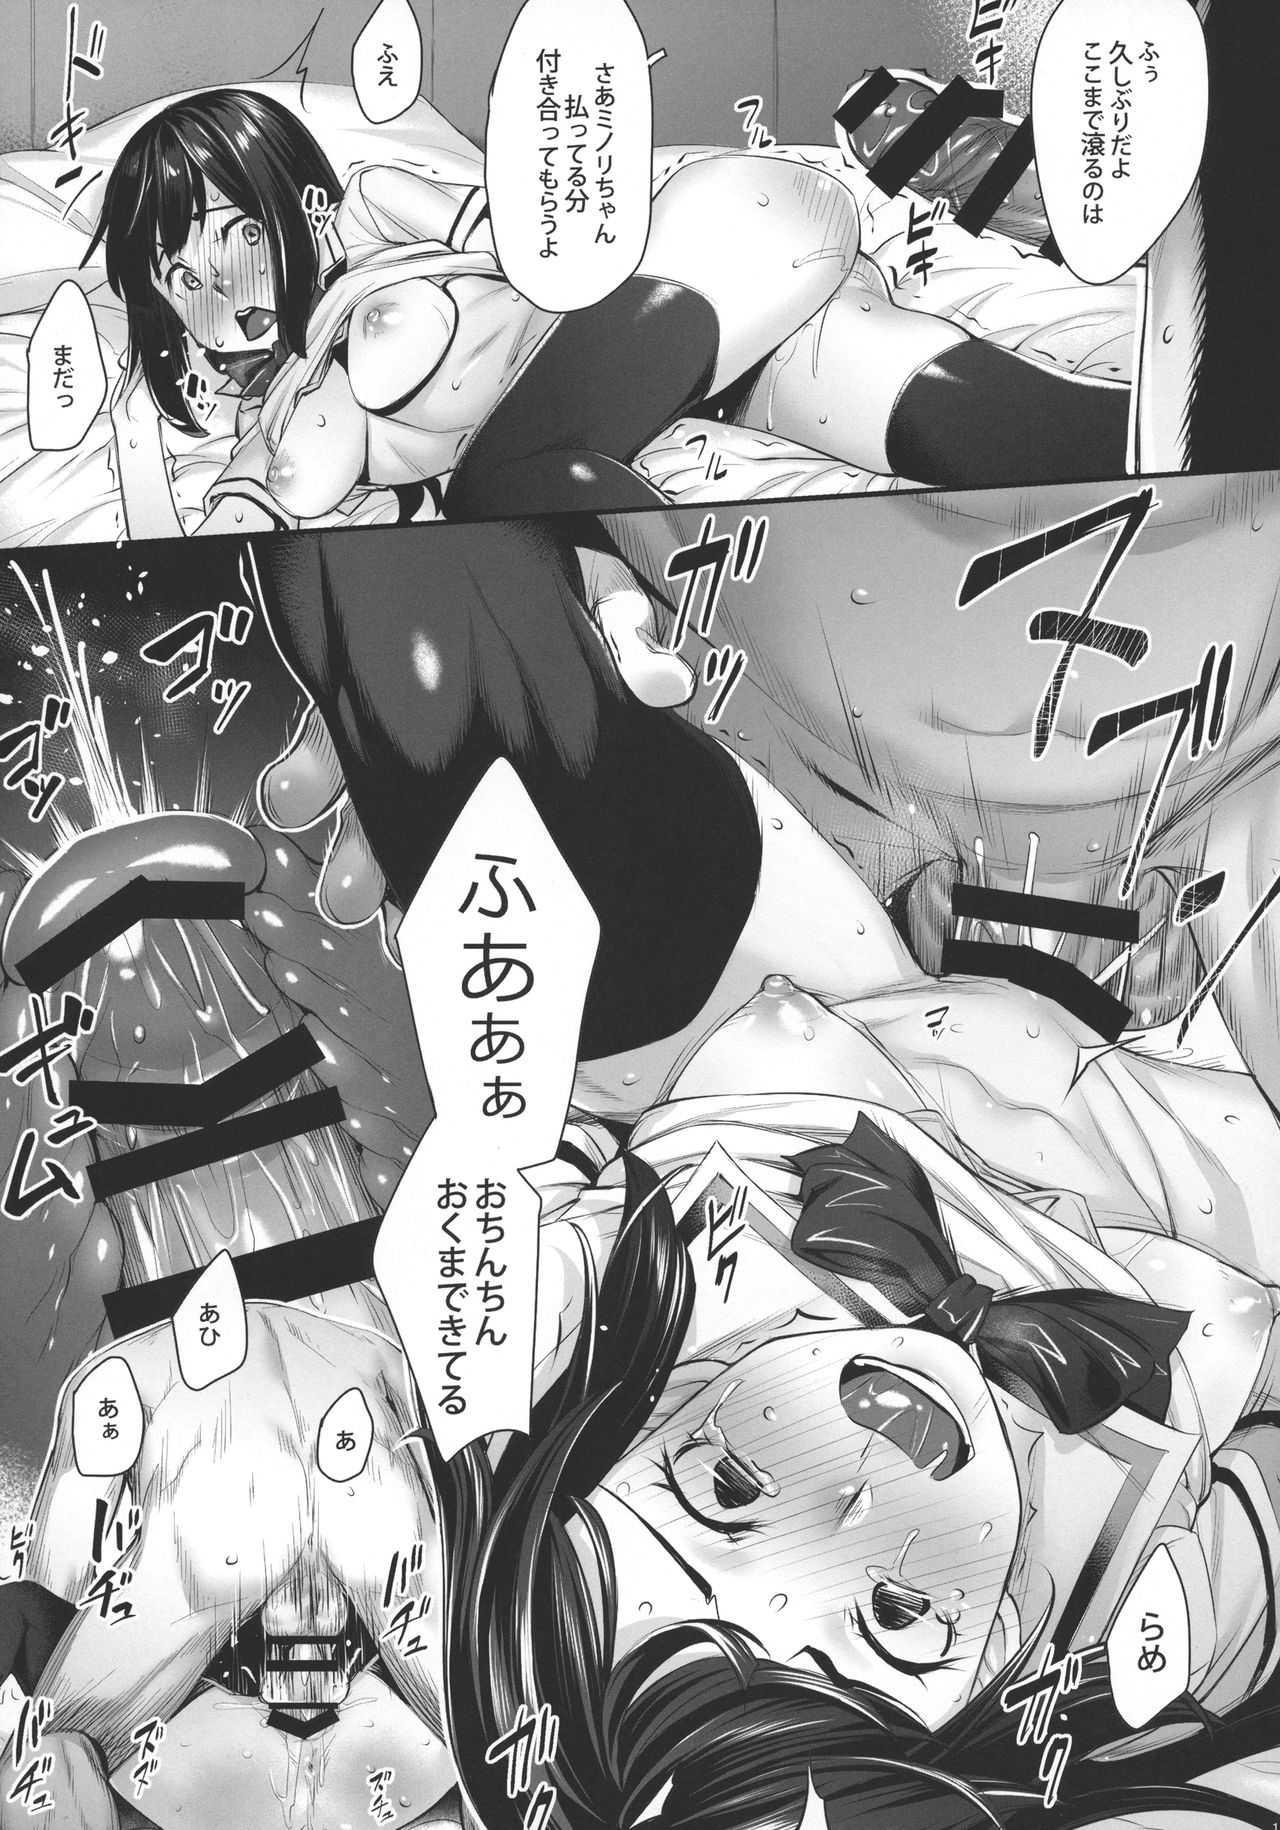 【エロ同人誌】JKがパンツをオジサン相手に売ったらスパンキングされるハメにwww【オリジナル/C92】